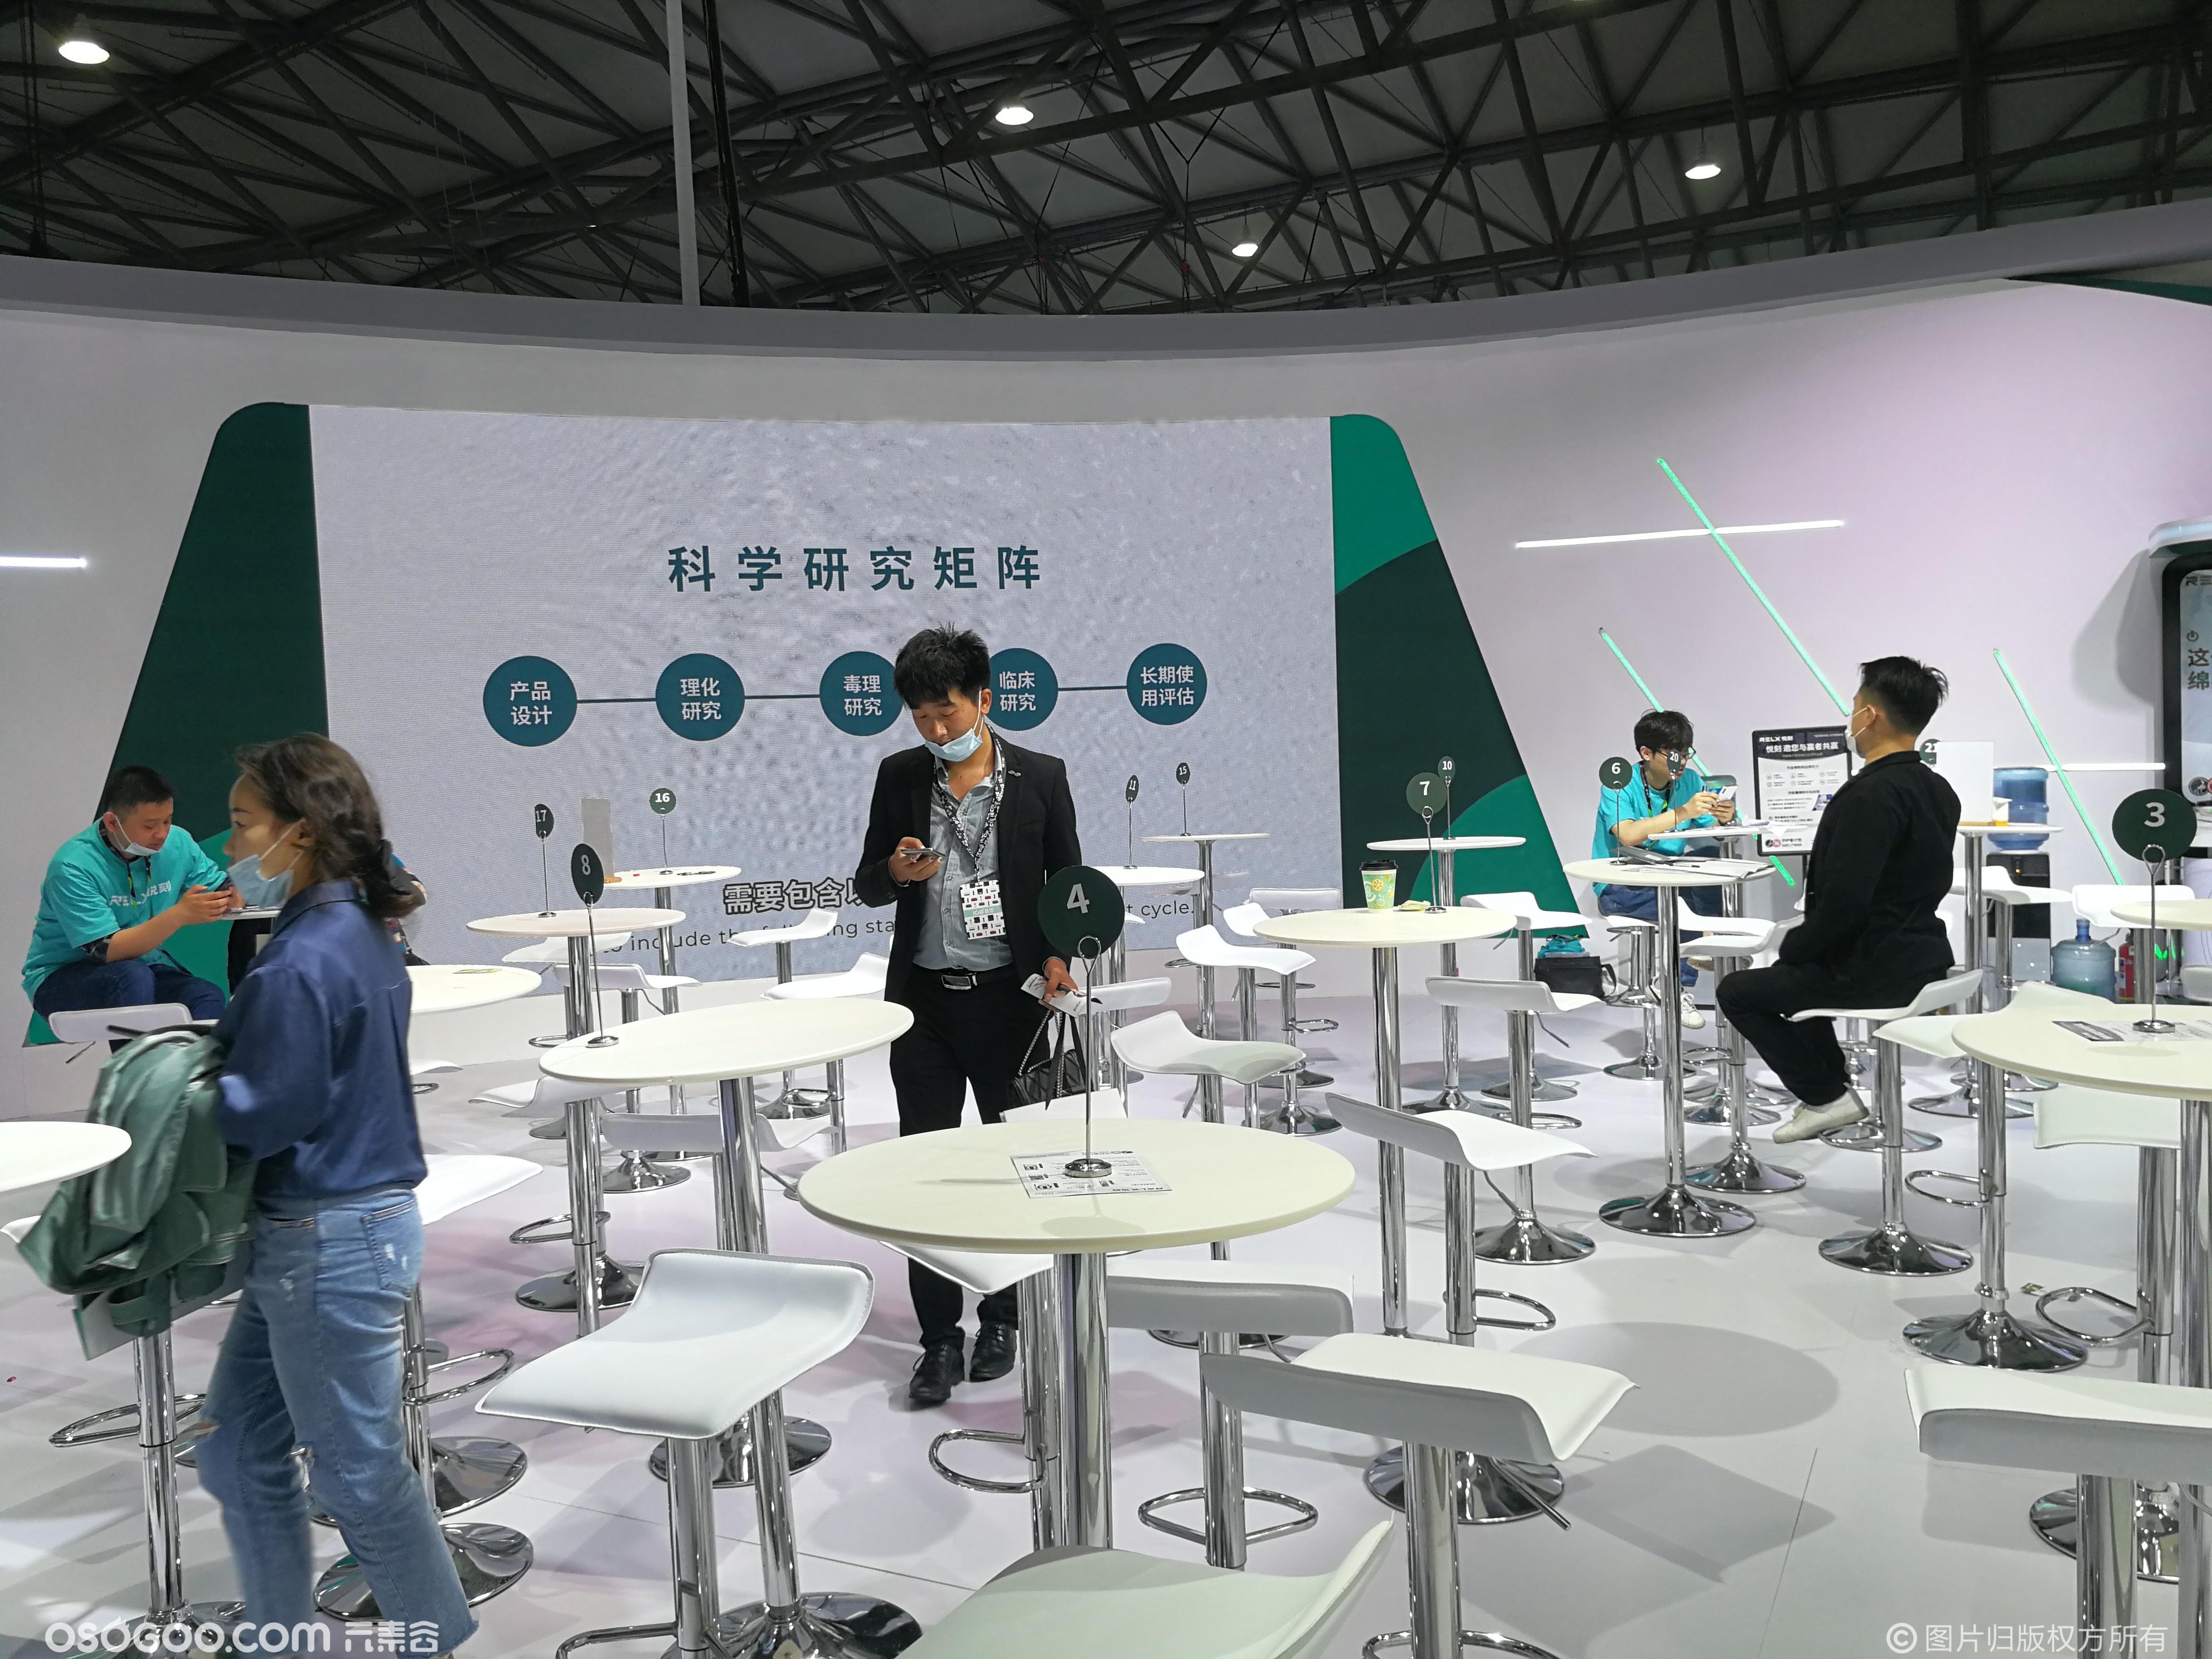 华圣为2021上海蒸汽文化周展会提供WiFi覆盖